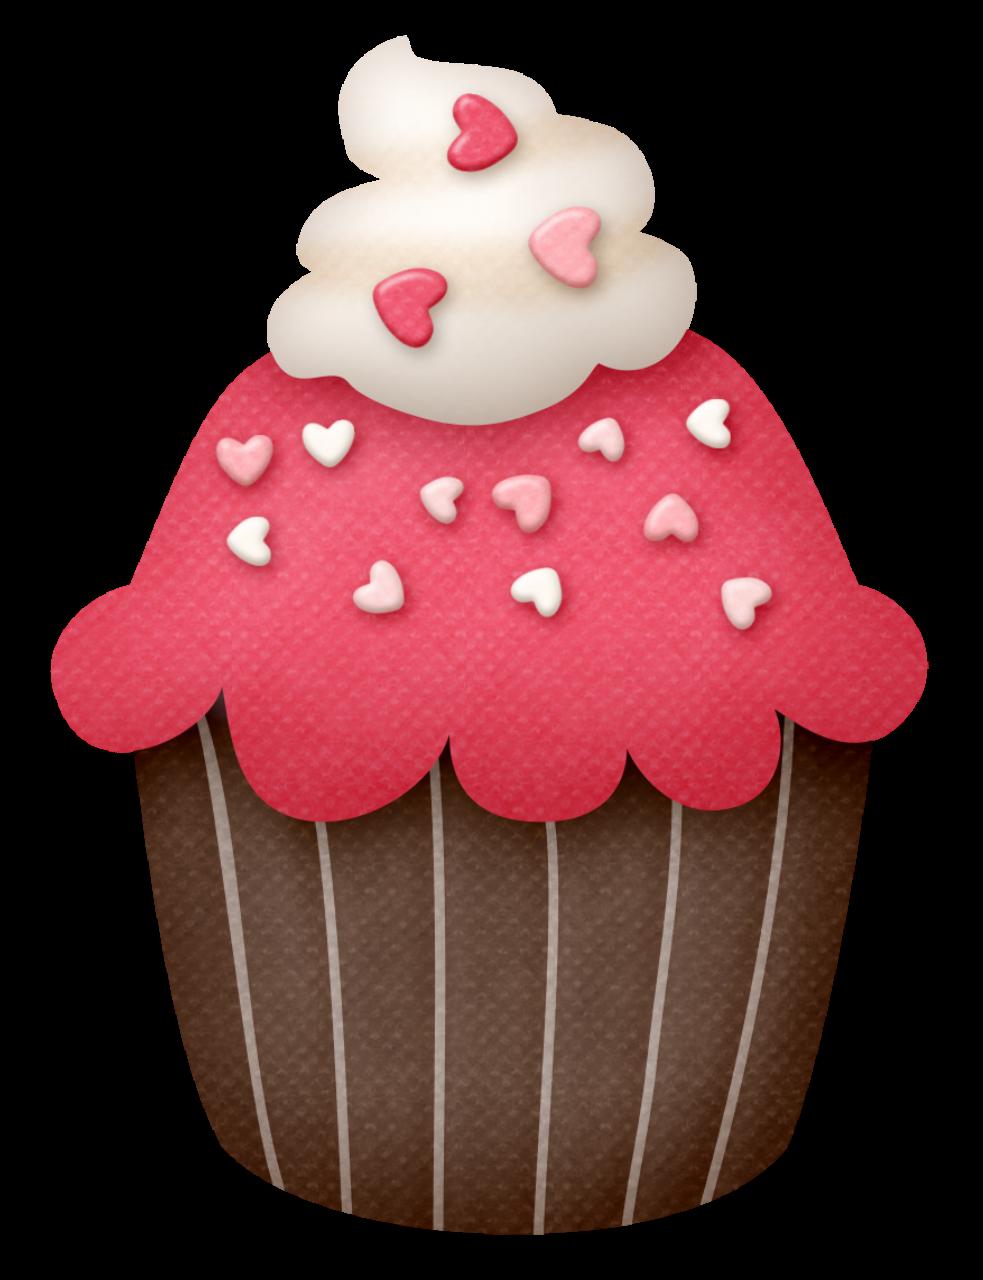 0 b328b a510dd10 orig 983—1280 Cupcakes